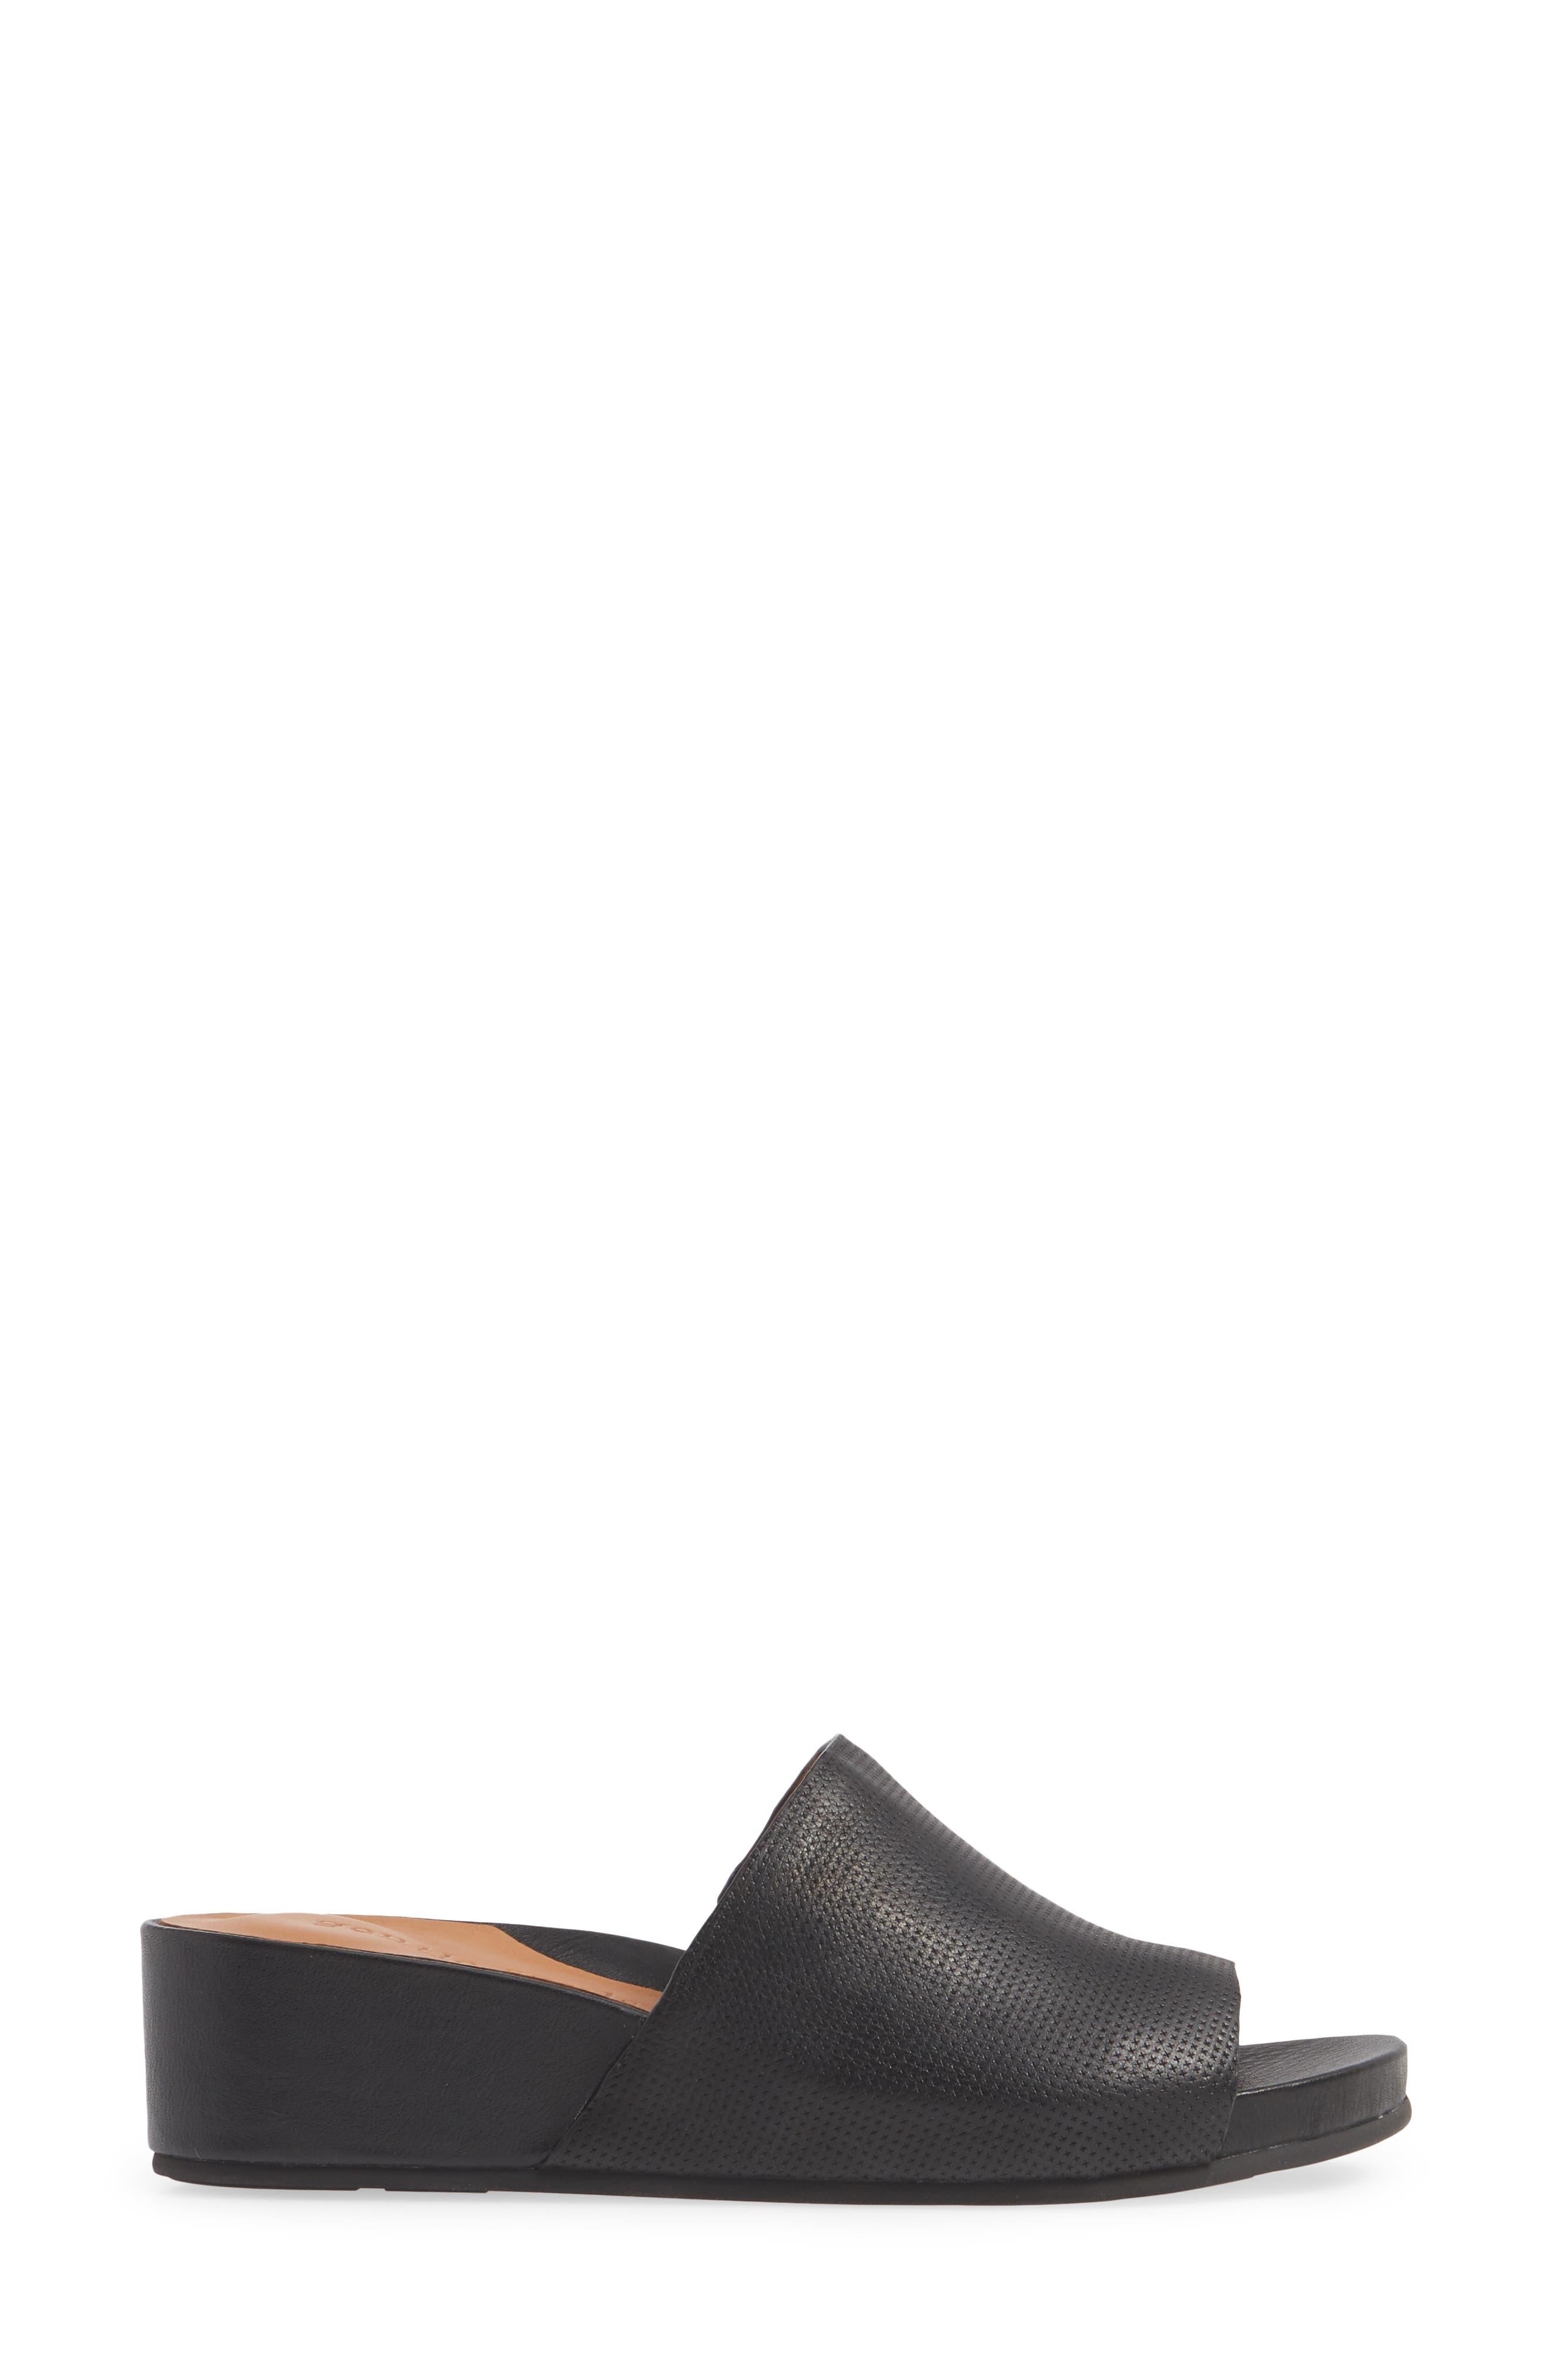 Gisele Wedge Slide Sandal,                             Alternate thumbnail 3, color,                             BLACK LEATHER